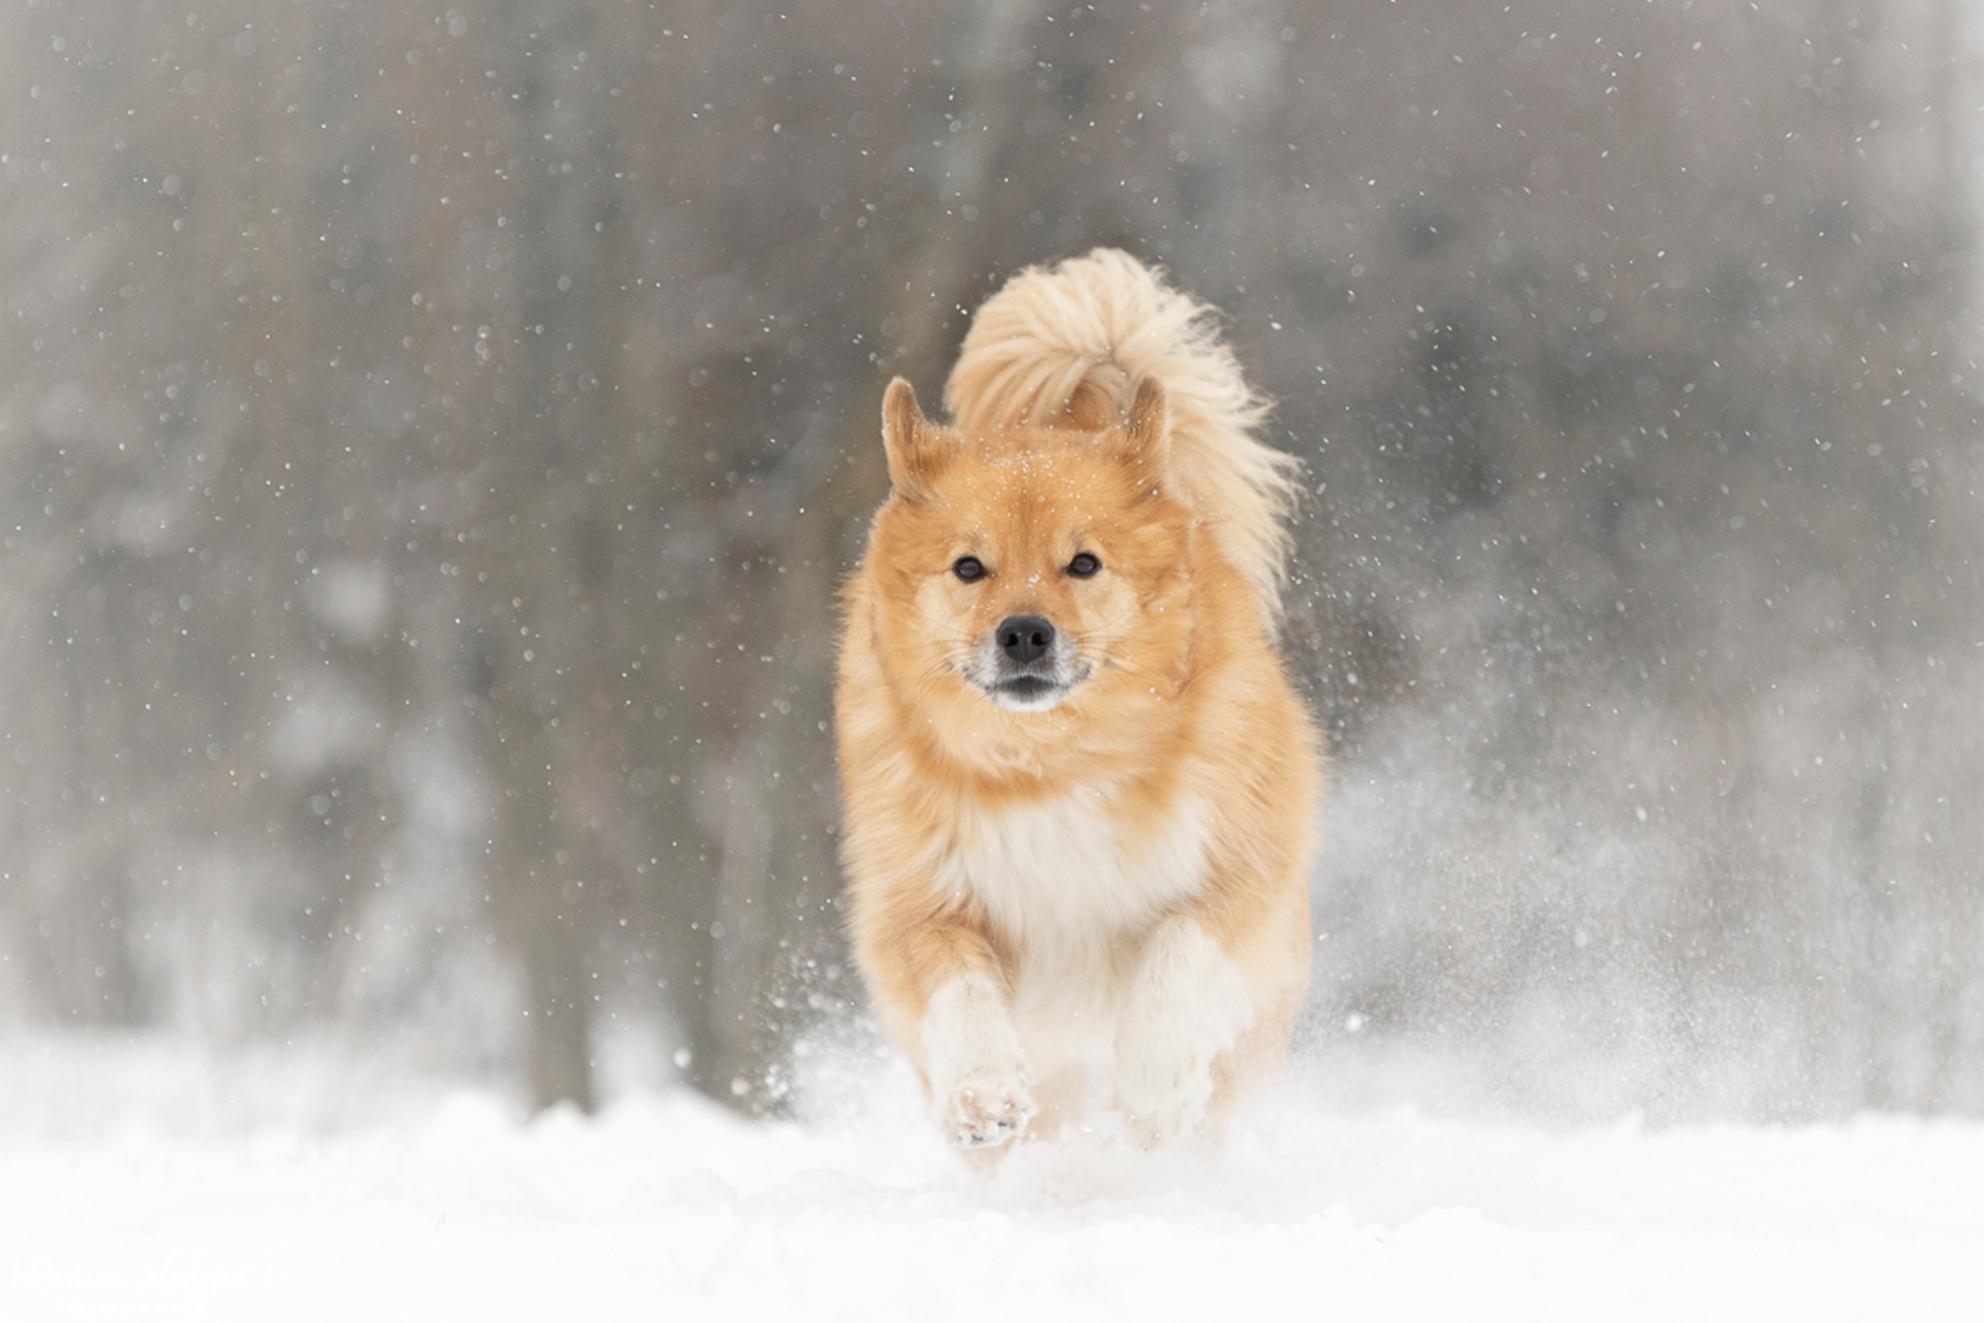 Actie in de sneeuw - Bryja geniet met een grote G van de sneeuw! - foto door MarleenVerheulFotografie op 10-02-2021 - deze foto bevat: dieren, huisdier, hond, hondenfotografie, hondenfotograaf - Deze foto mag gebruikt worden in een Zoom.nl publicatie